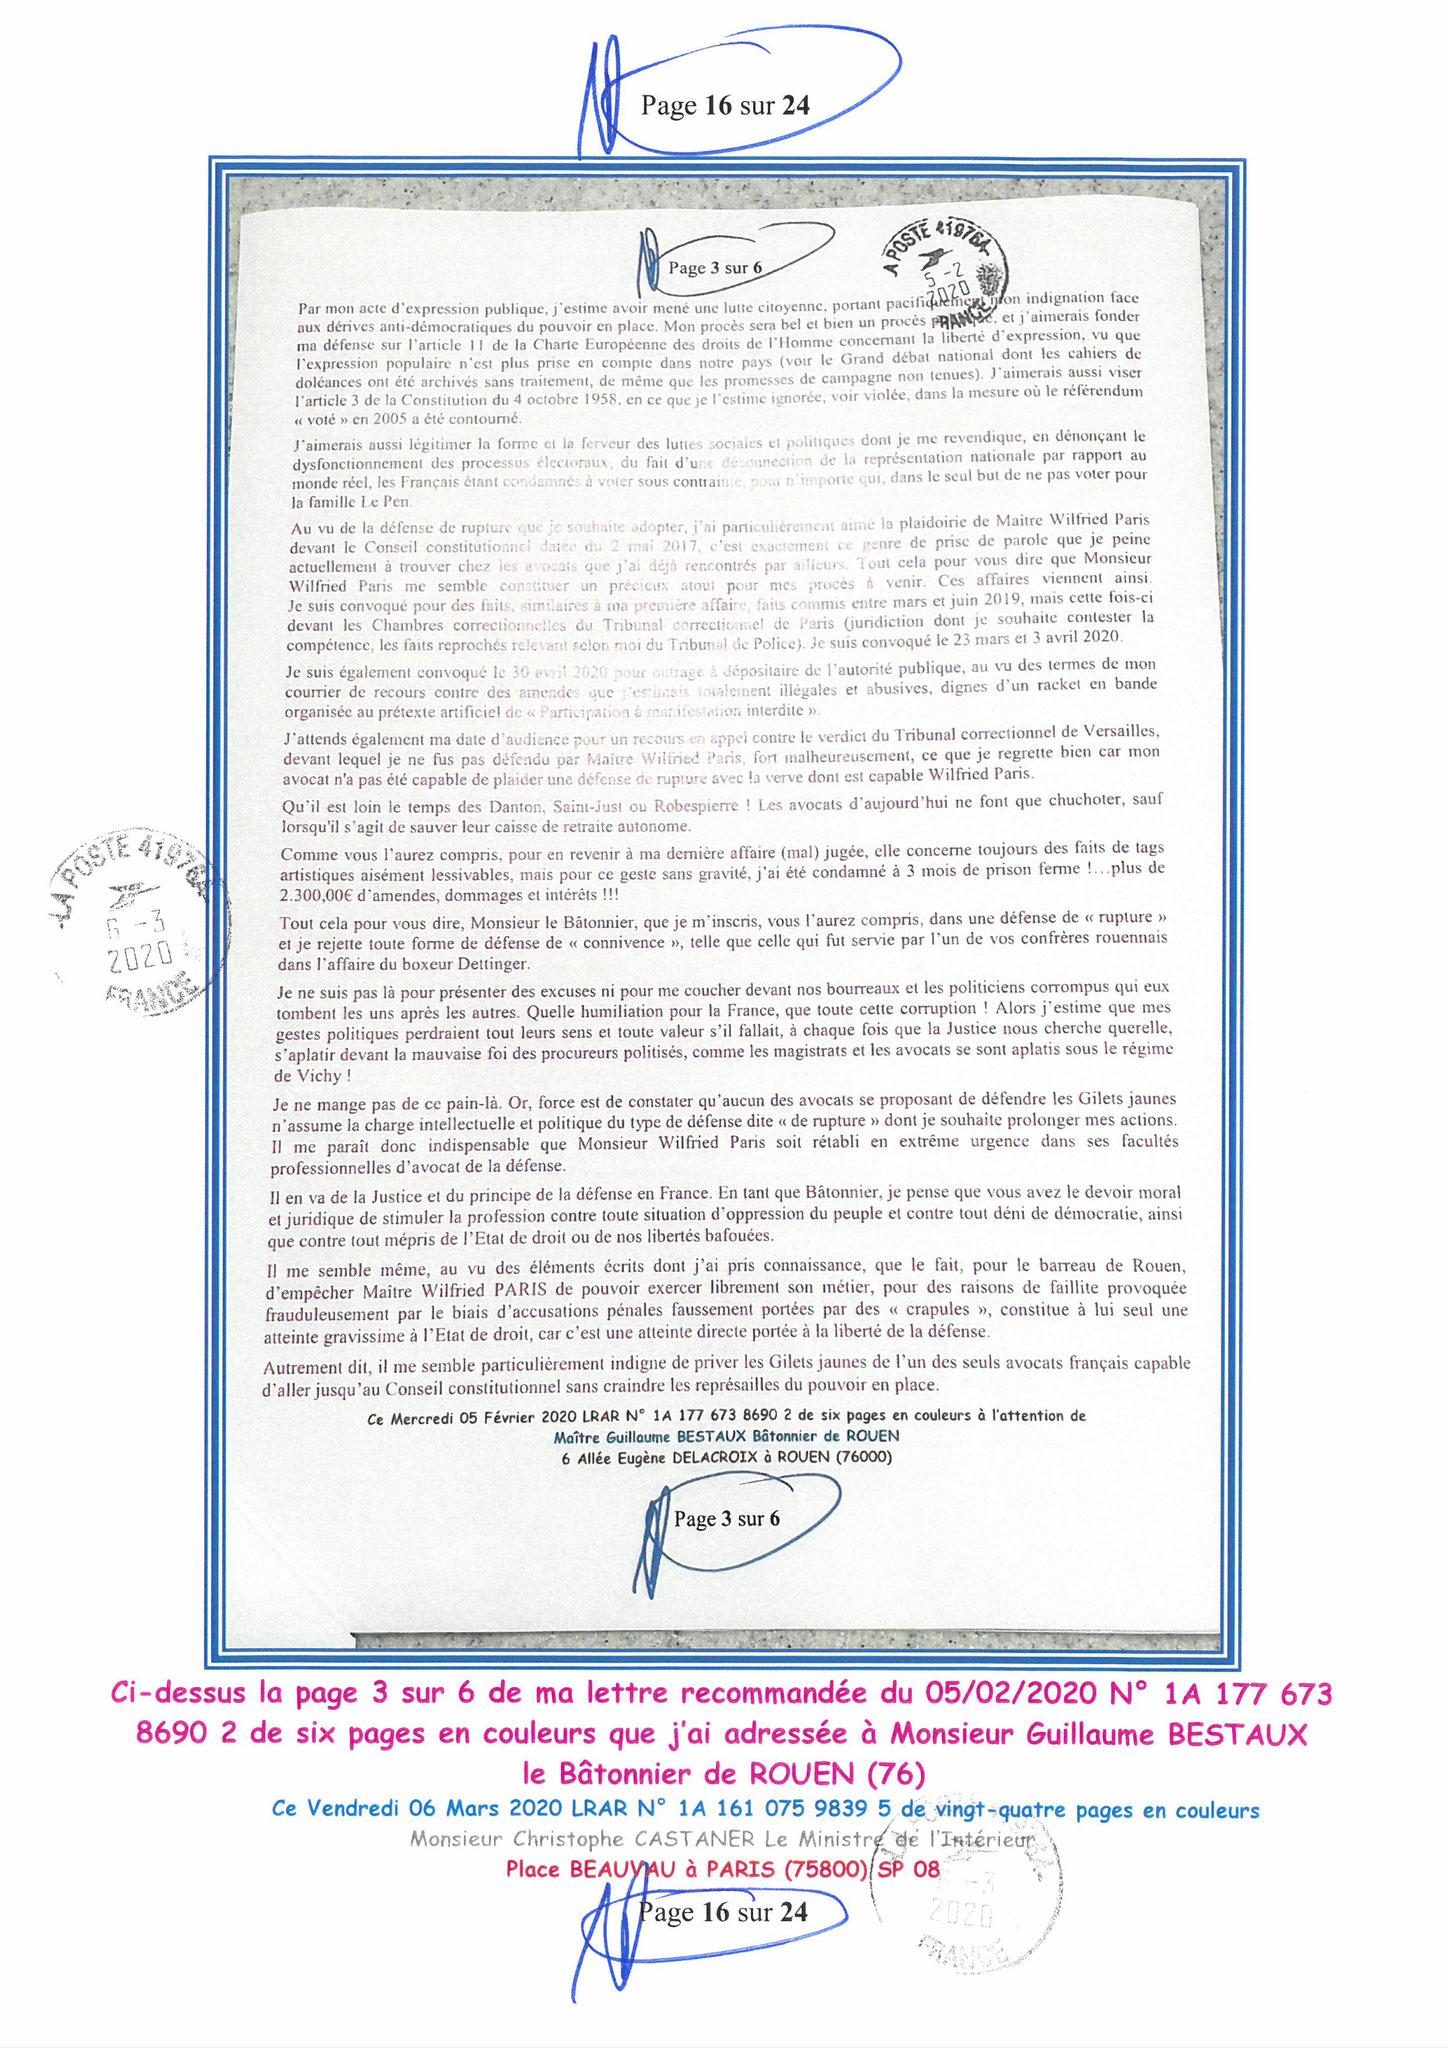 Ma LRAR à Monsieur le Ministre de l'Intérieur Christophe CASTANER N°1A 161 075 9839 5  Page 16 sur 24 en couleur du 06 Mars 2020  www.jesuispatrick.fr www.jesuisvictime.fr www.alerte-rouge-france.fr